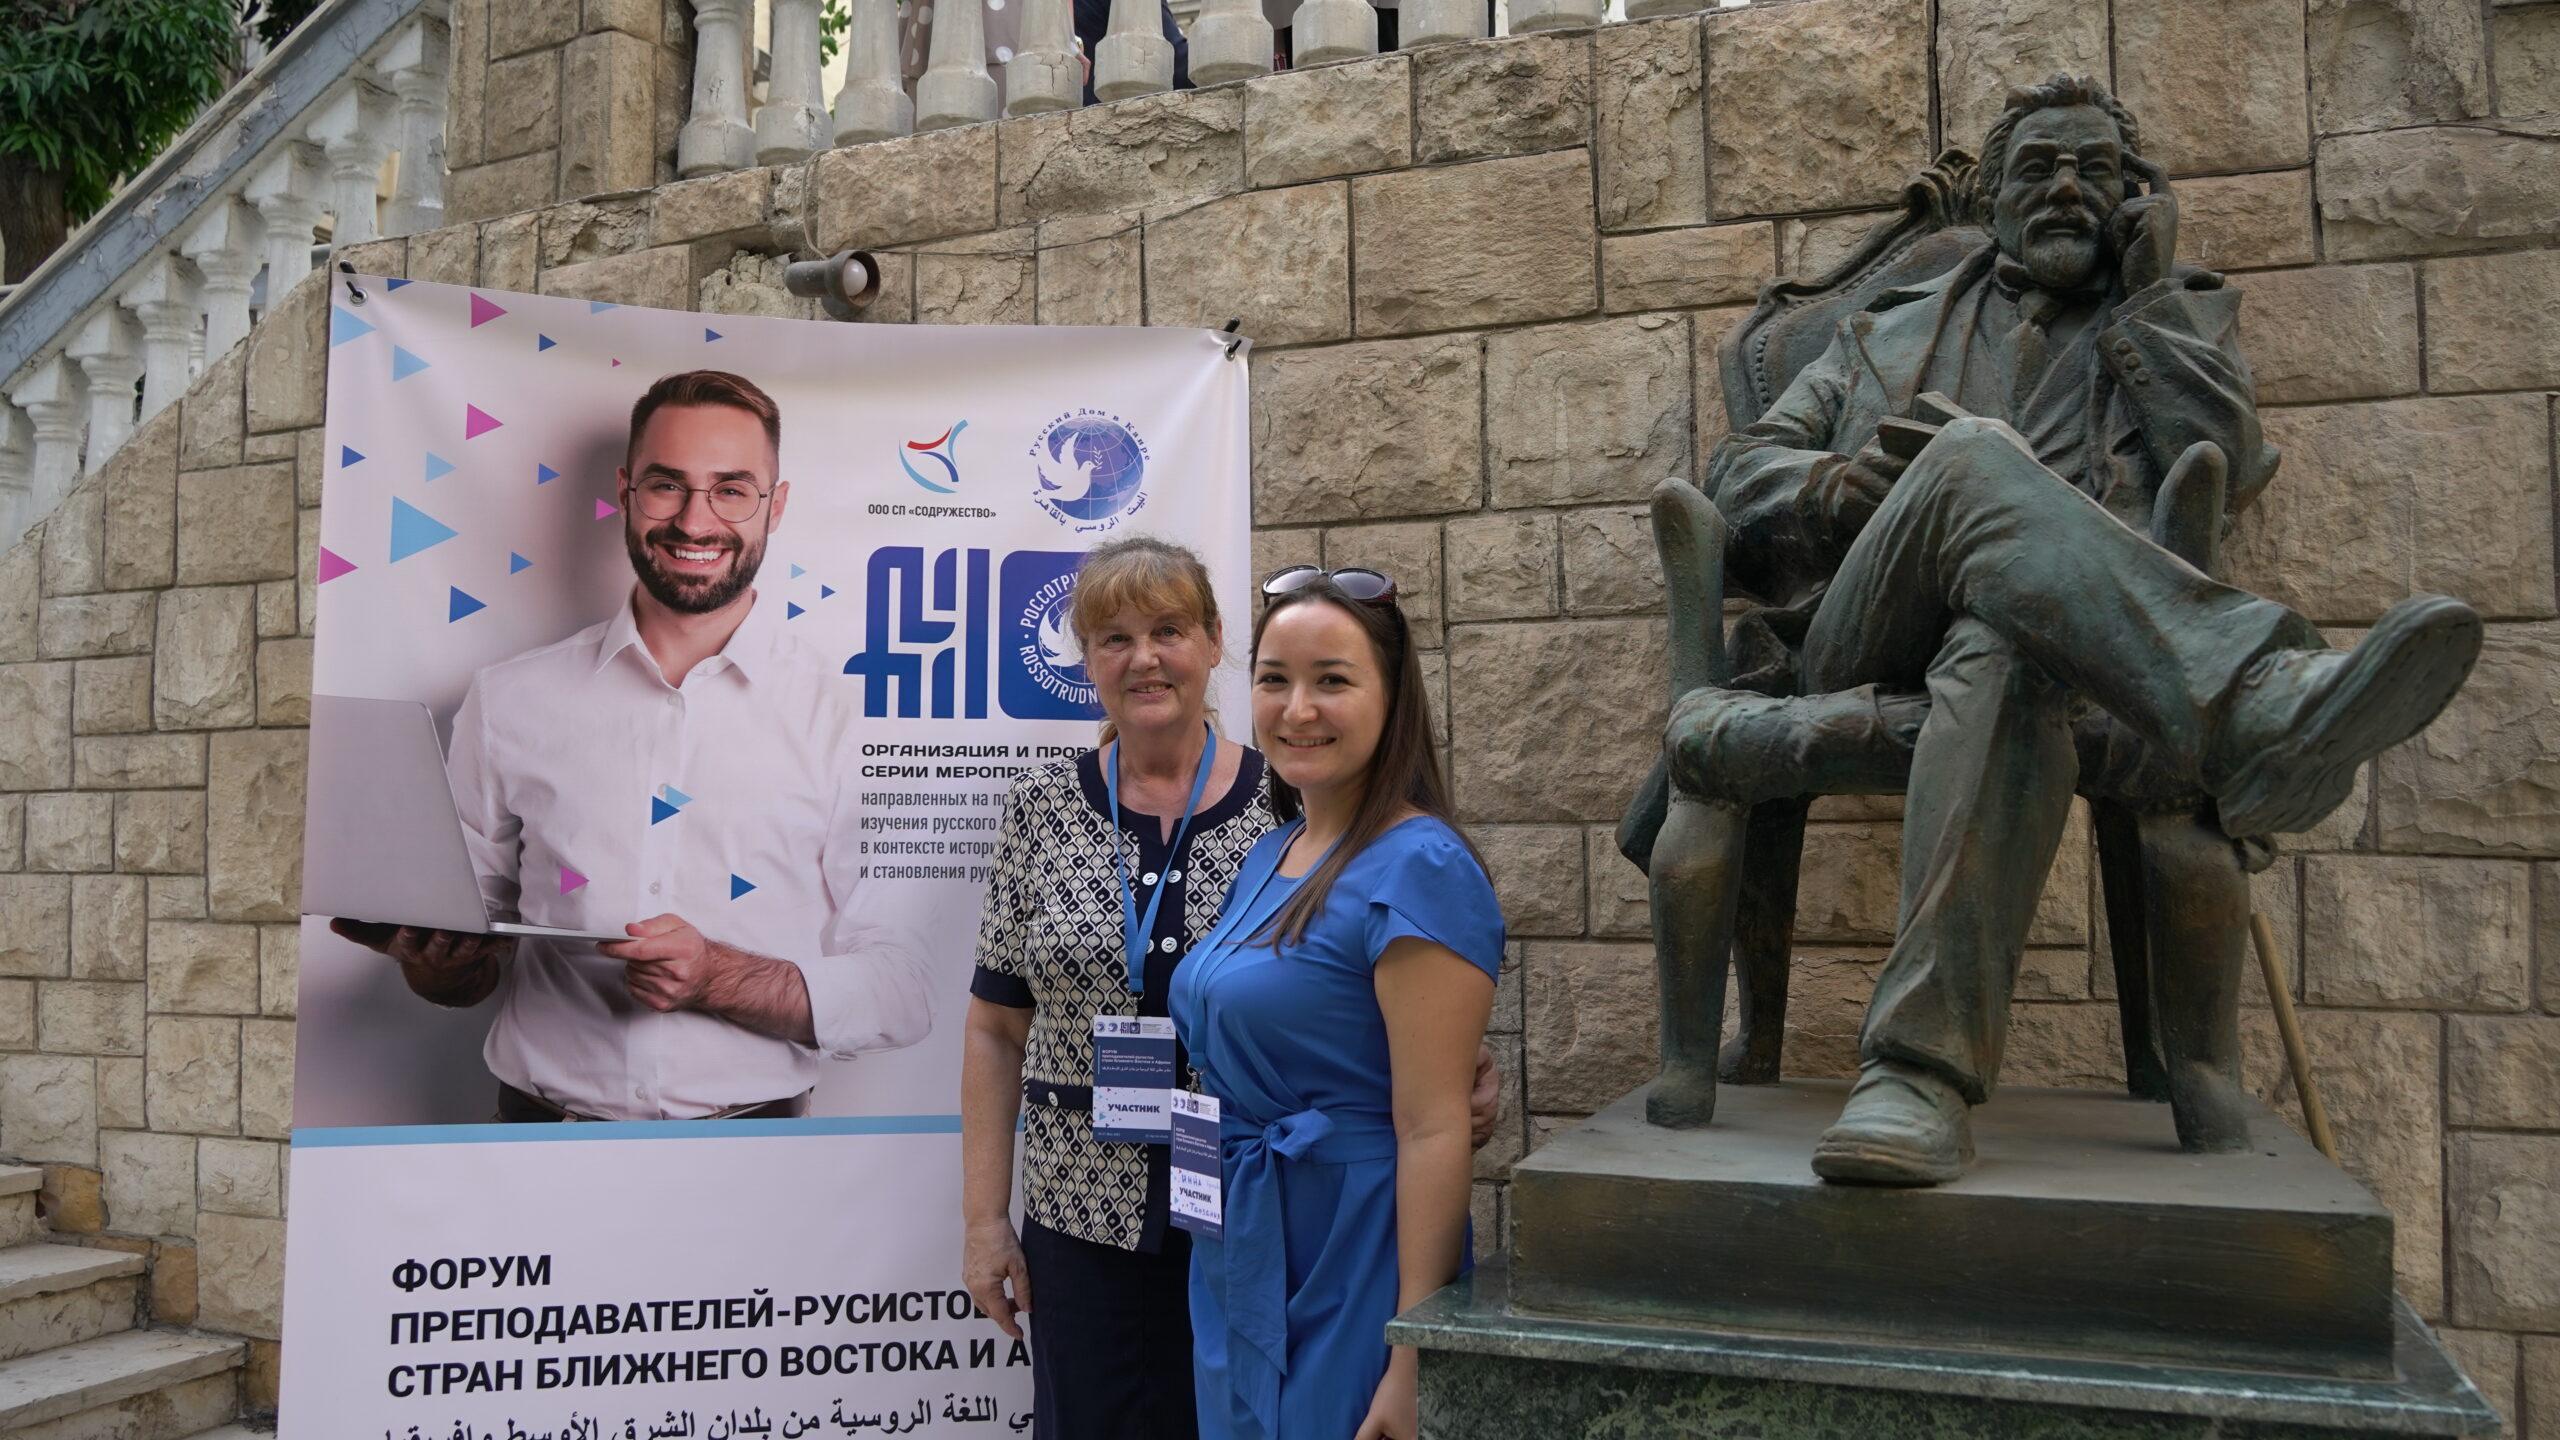 Обрсоюз провел форум преподавателей-русистов